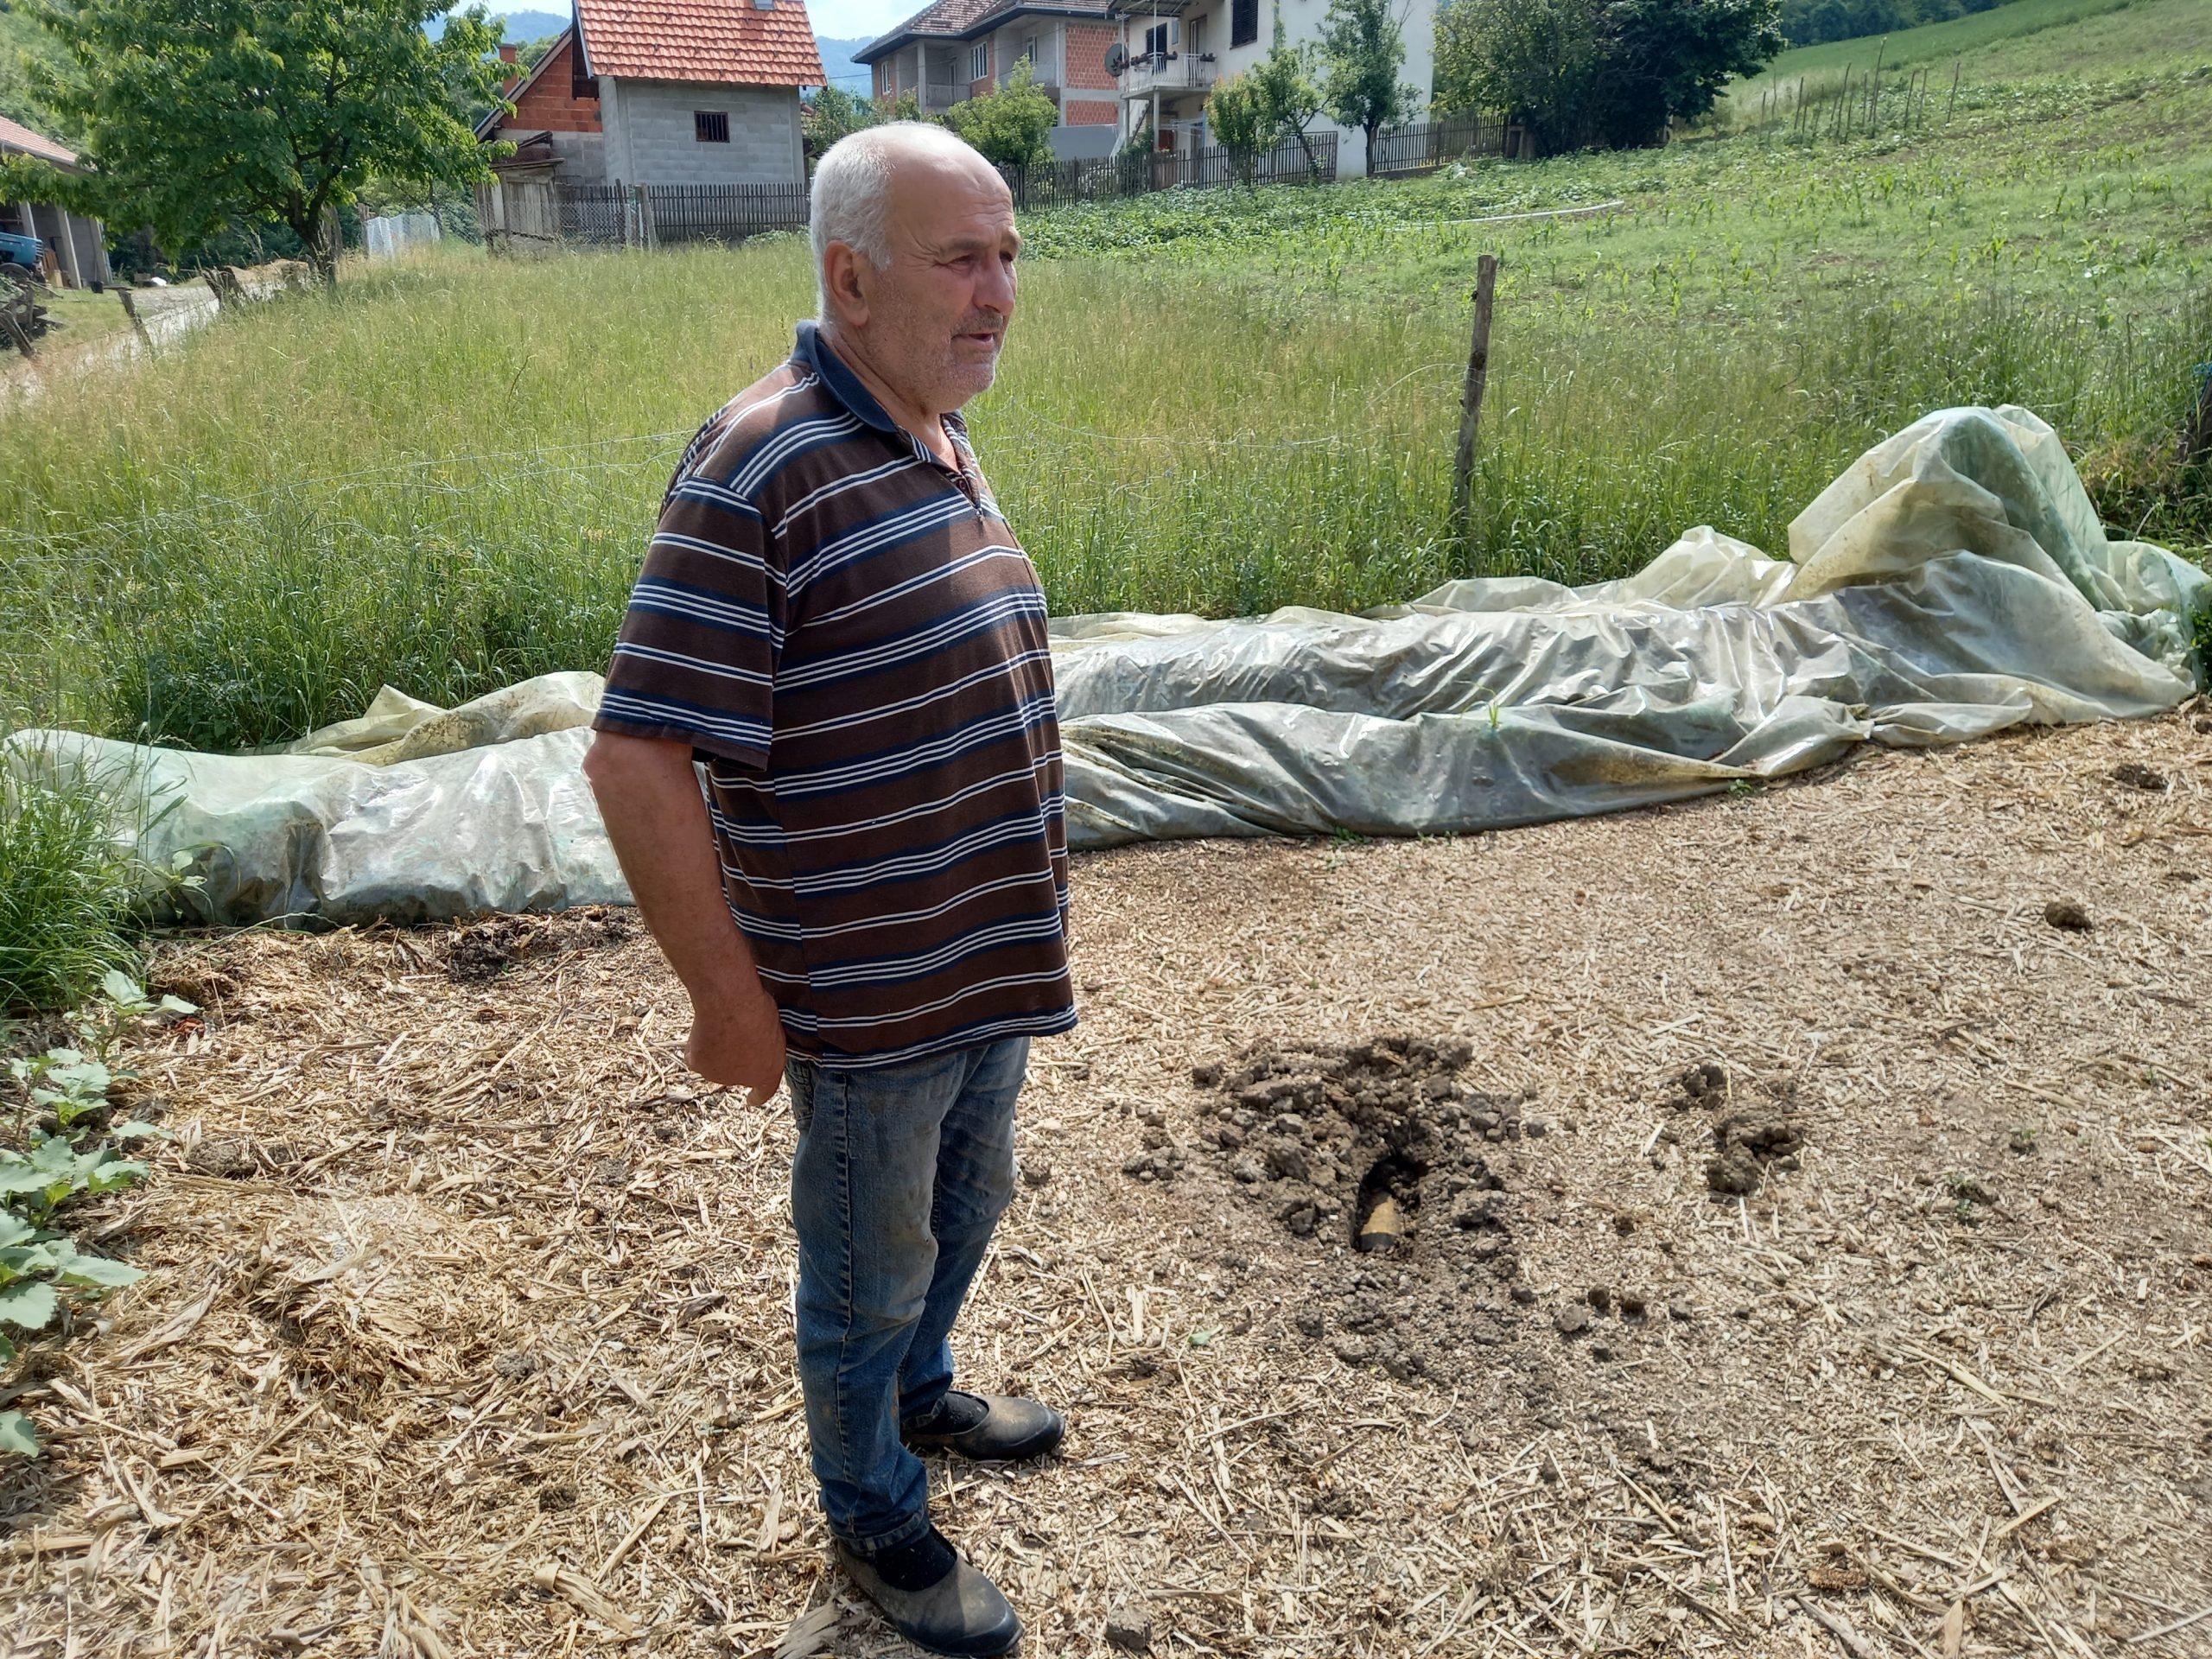 Čačak, Ljubivoje Boričić, granata, granate na livadi posle eksplozije u fabrici Sloboda u Čačku